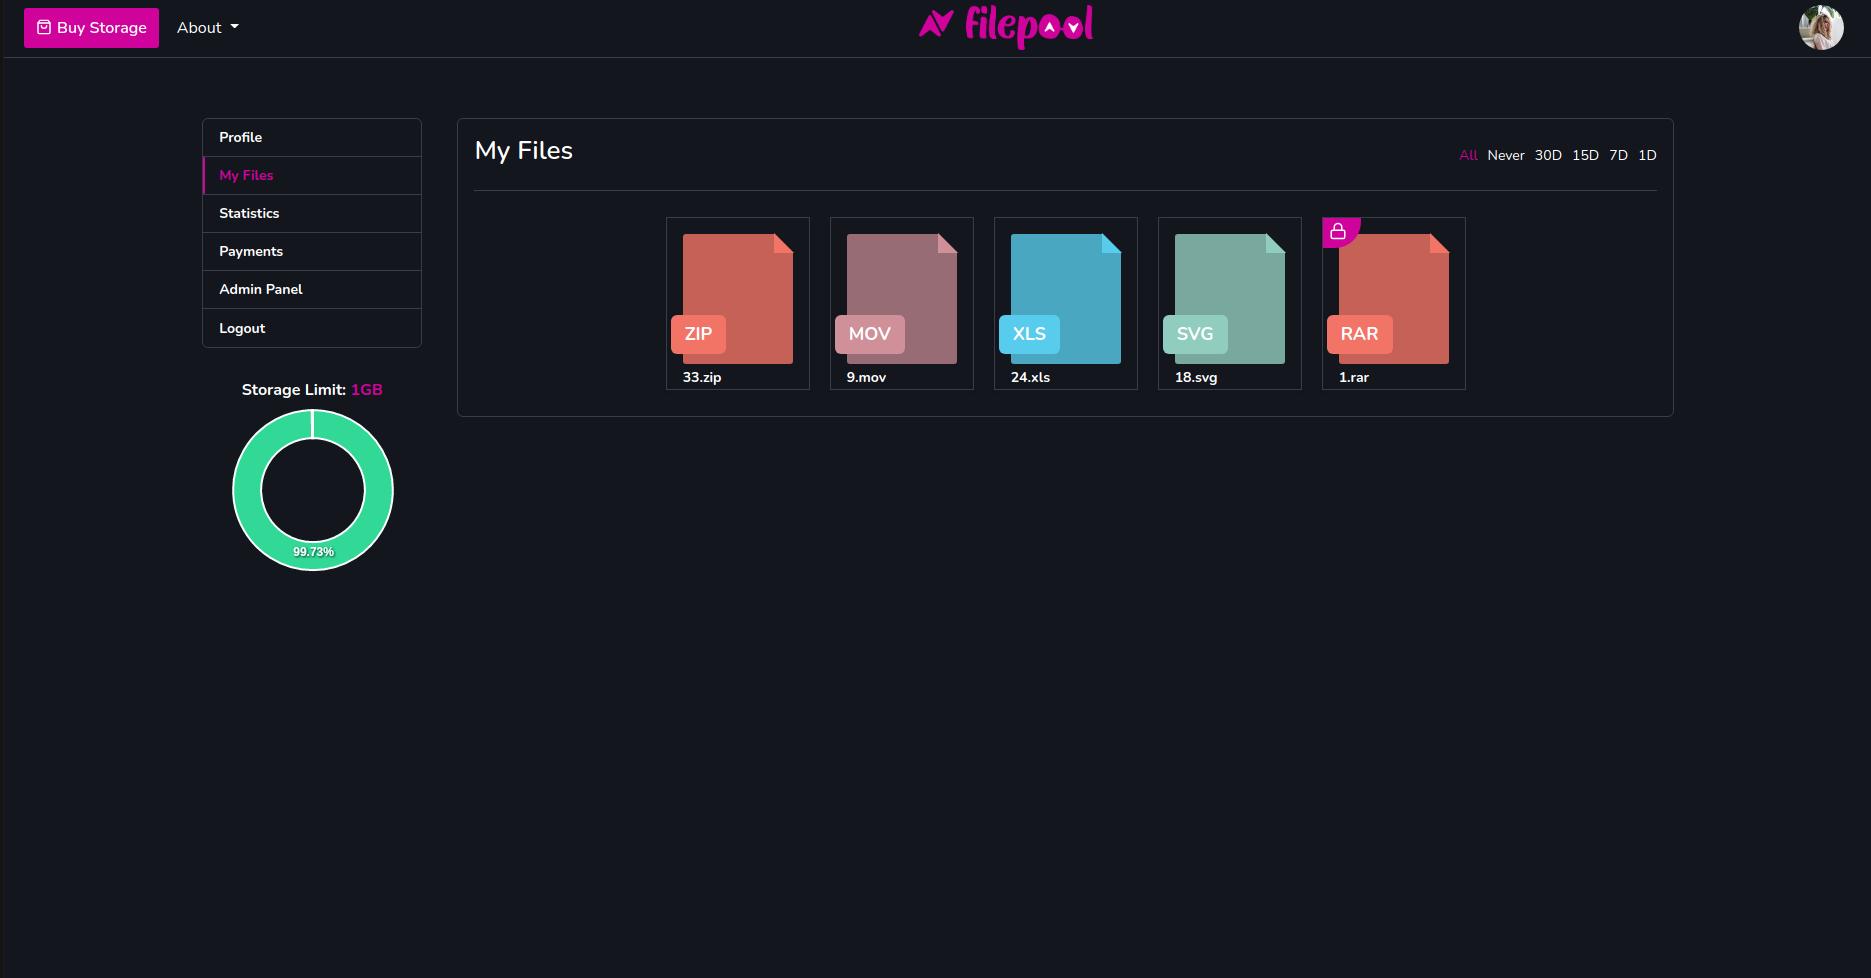 Filepool - SaaS File Storage Platform